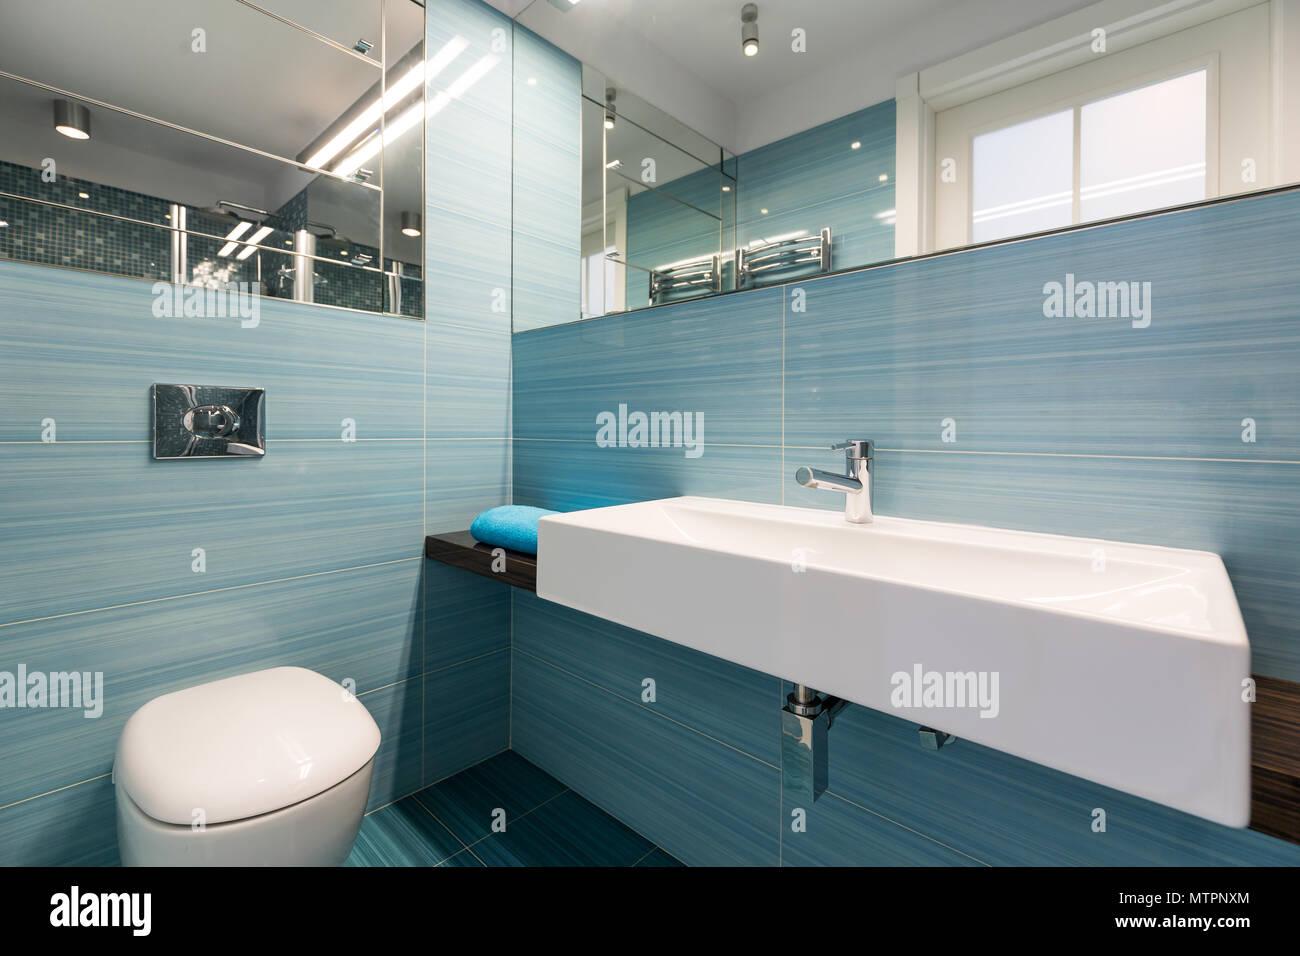 Piastrelle Blu Per Bagno : Ampio bagno con grande vasca e wc piastrelle blu e specchi sulle